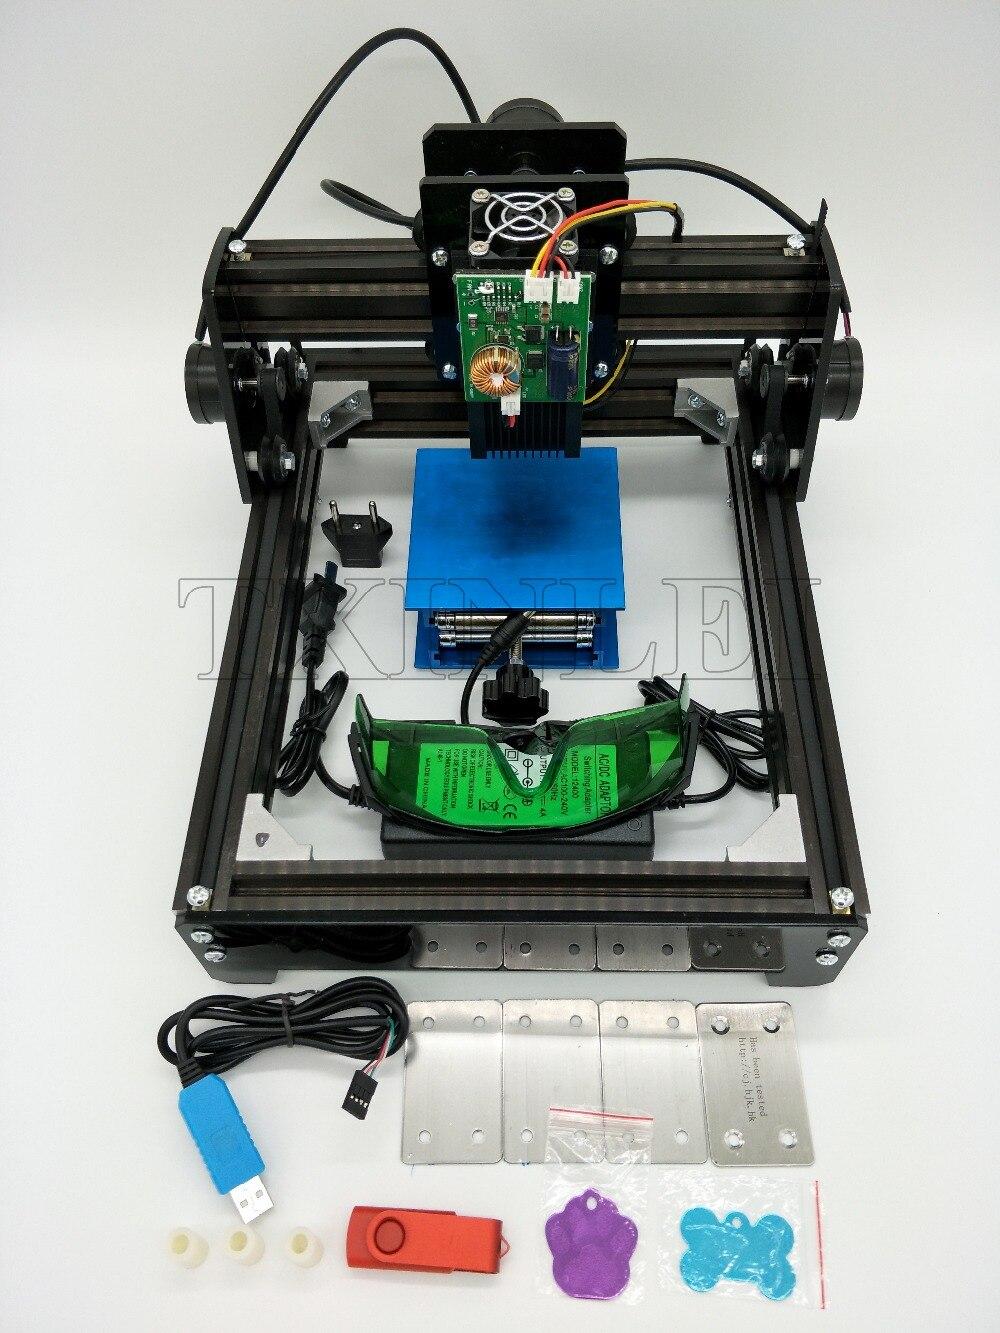 гравер лазерный заказать на aliexpress